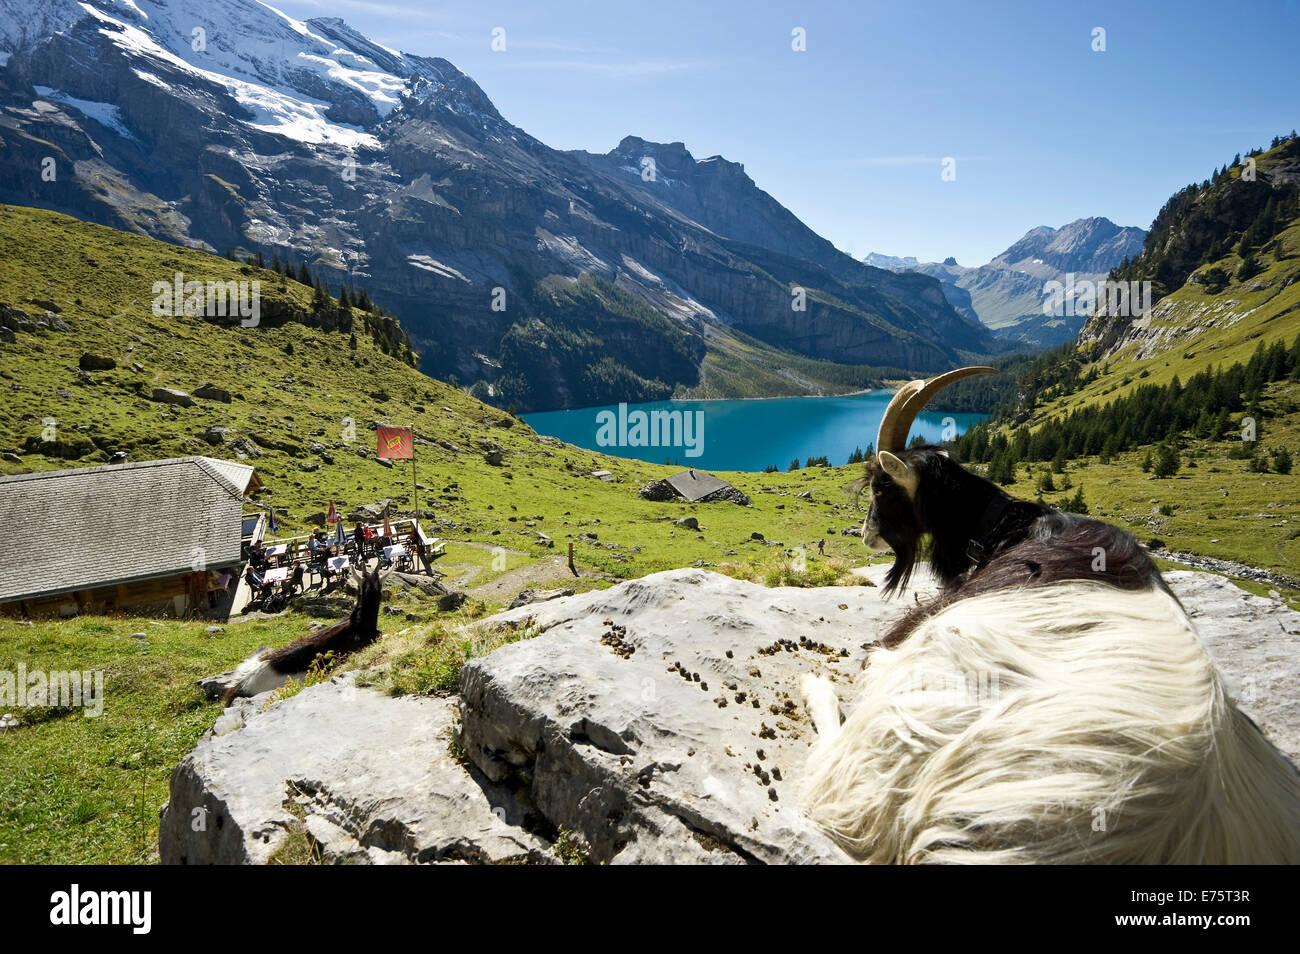 Ziege und ein Berggasthaus, See Oeschinensee, Kandersteg, Berner Oberland, Kanton Bern, Schweiz Stockbild